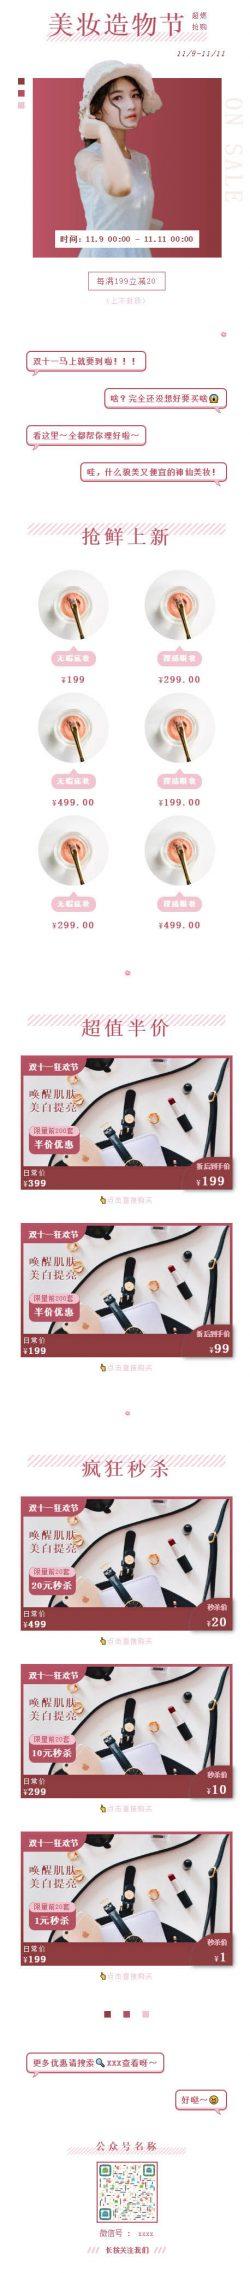 淘宝京东双十二美妆造物节双12电商微信推文模板双十一推送素材